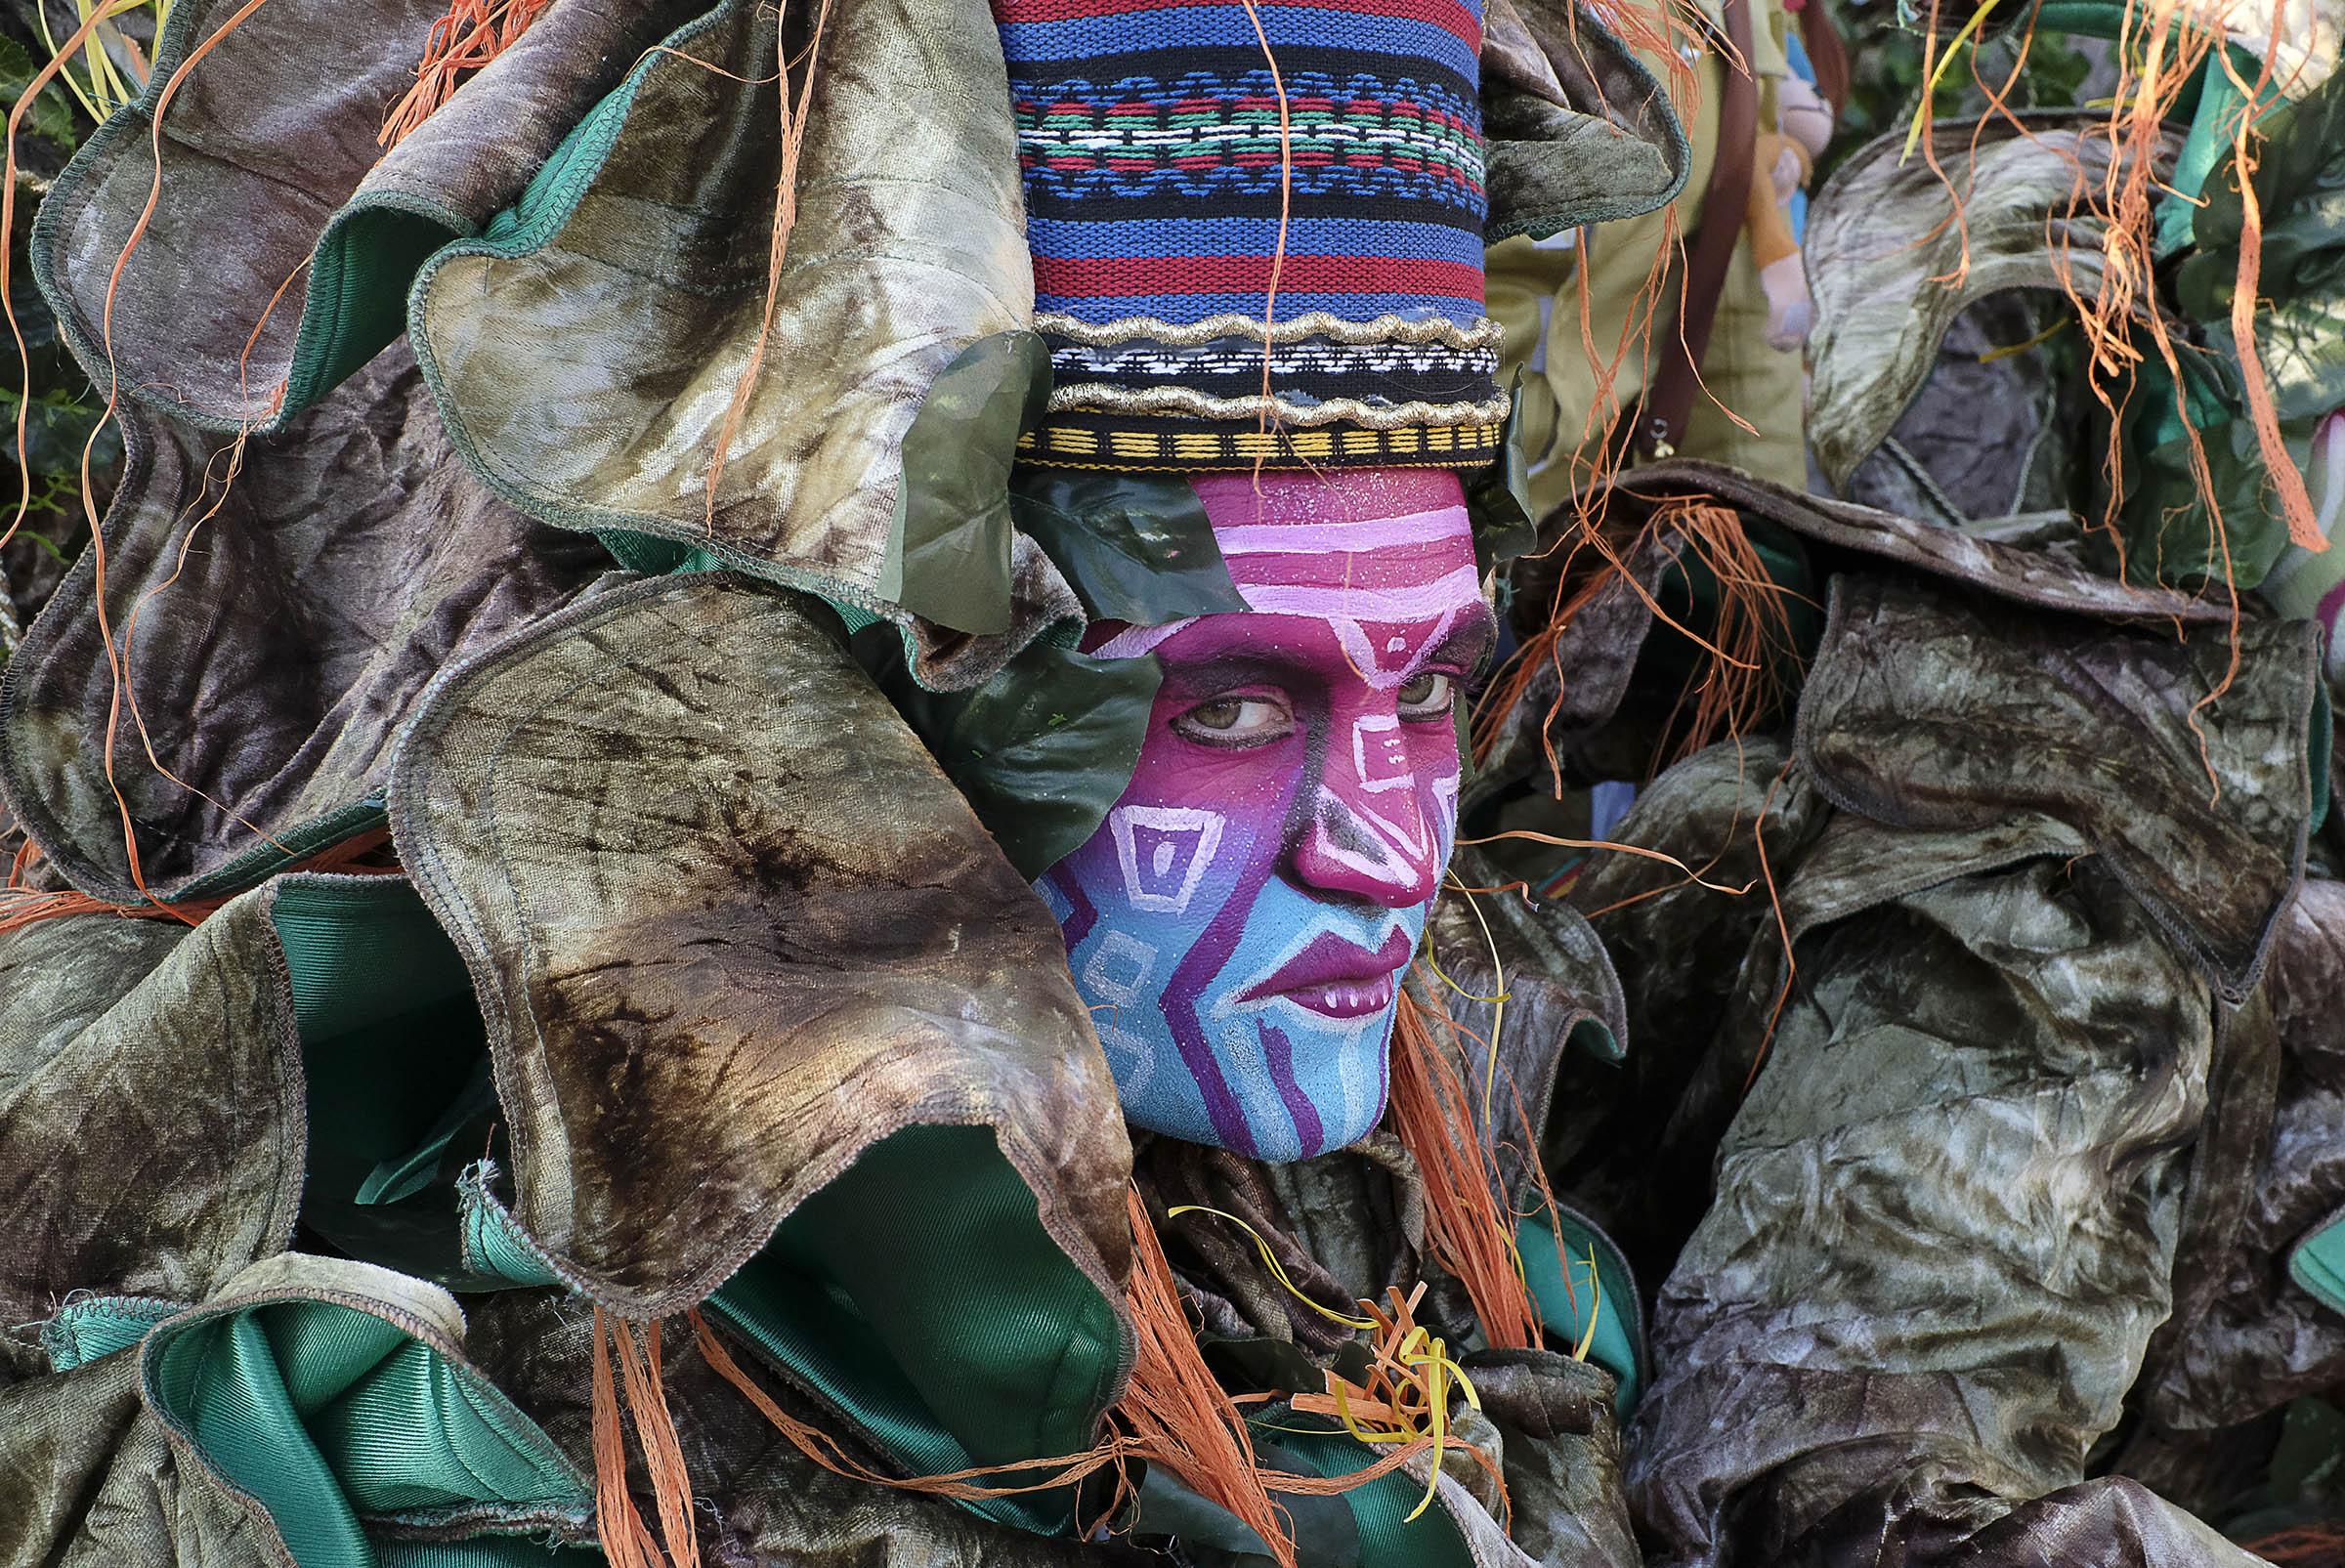 Riccardo Dalle Luche – Tra le maschere del carnevale di Viareggio con Fujifilm X100F